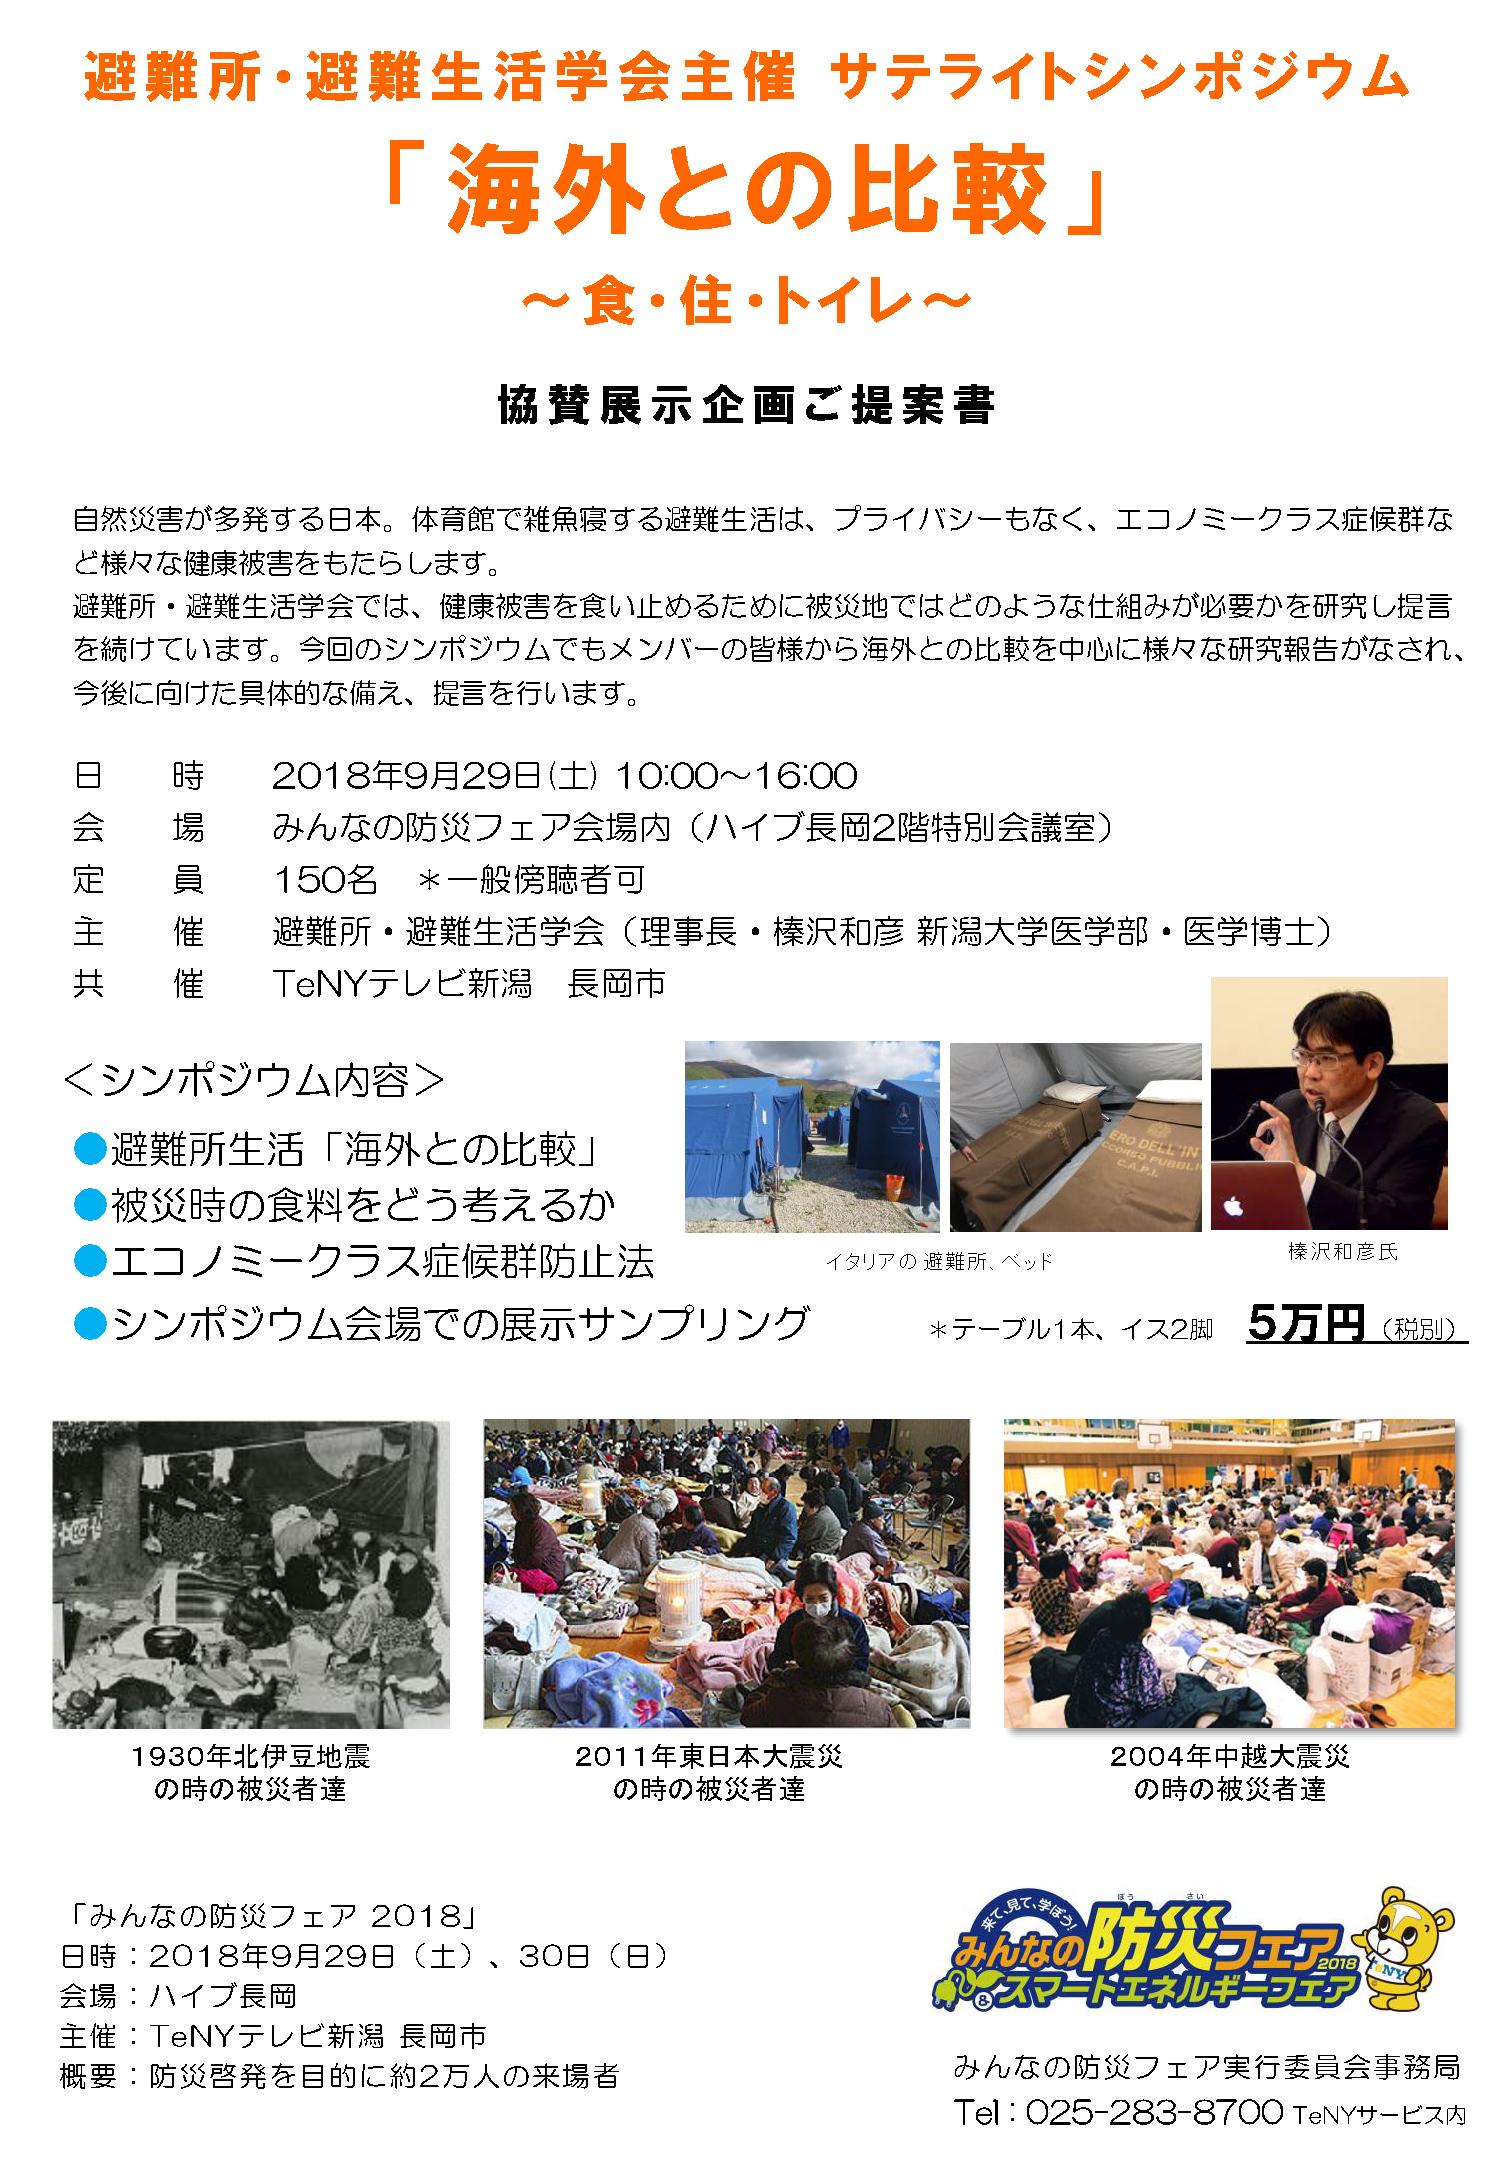 避難所 ・避難生活学会主催 サテライトシンポジウム  「海外との比較」 ~食 ・住 ・ トイレ~